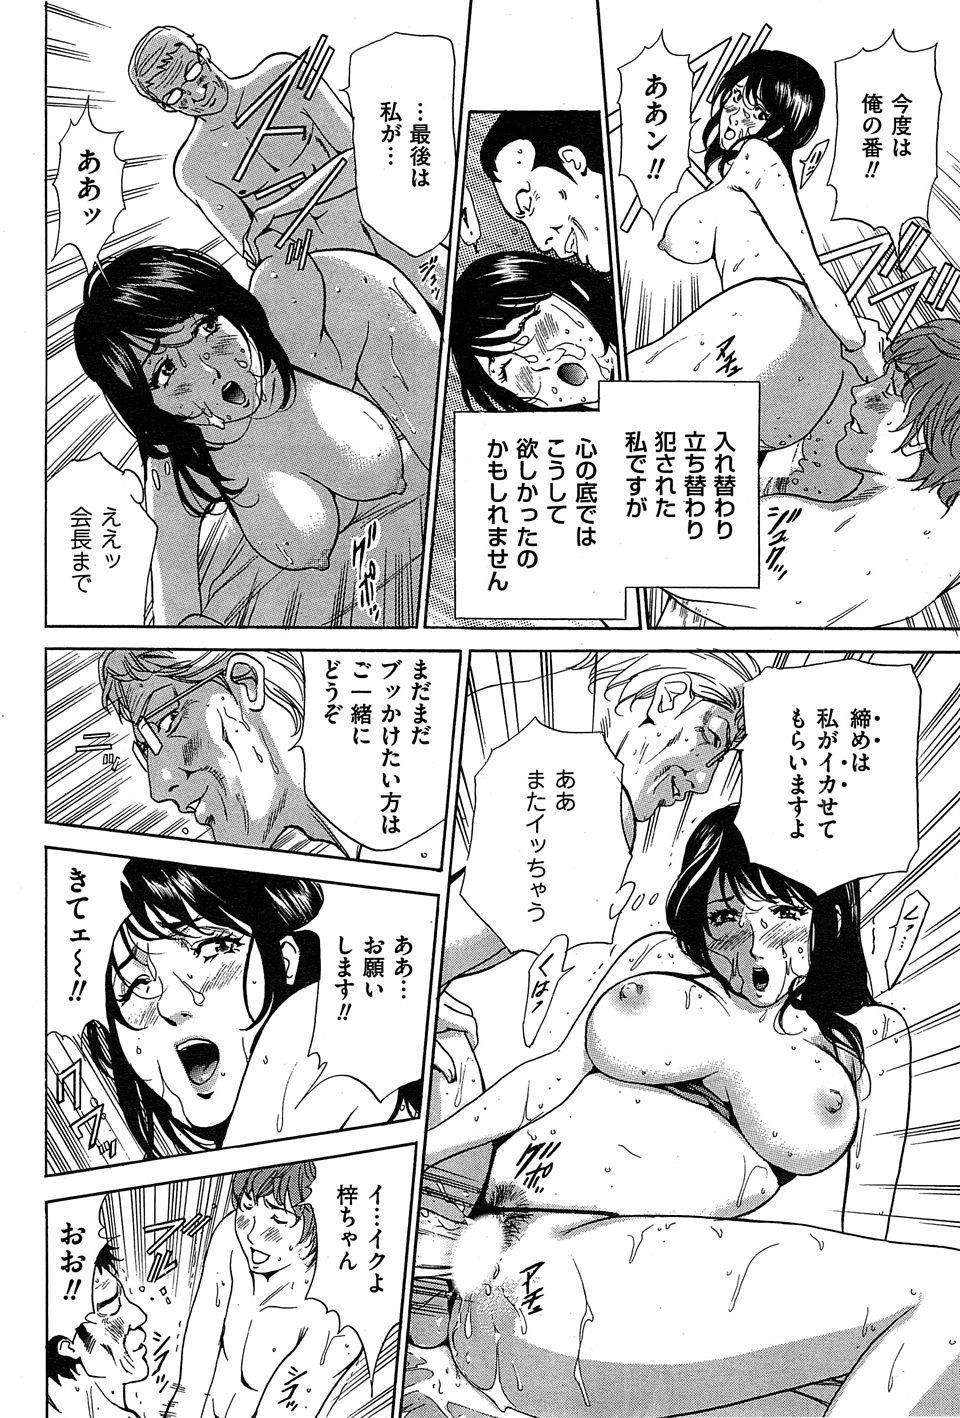 【エロ漫画・エロ同人誌】巨乳OLがジョギングの走友会仲間と乱交エッチしてるwww (16)